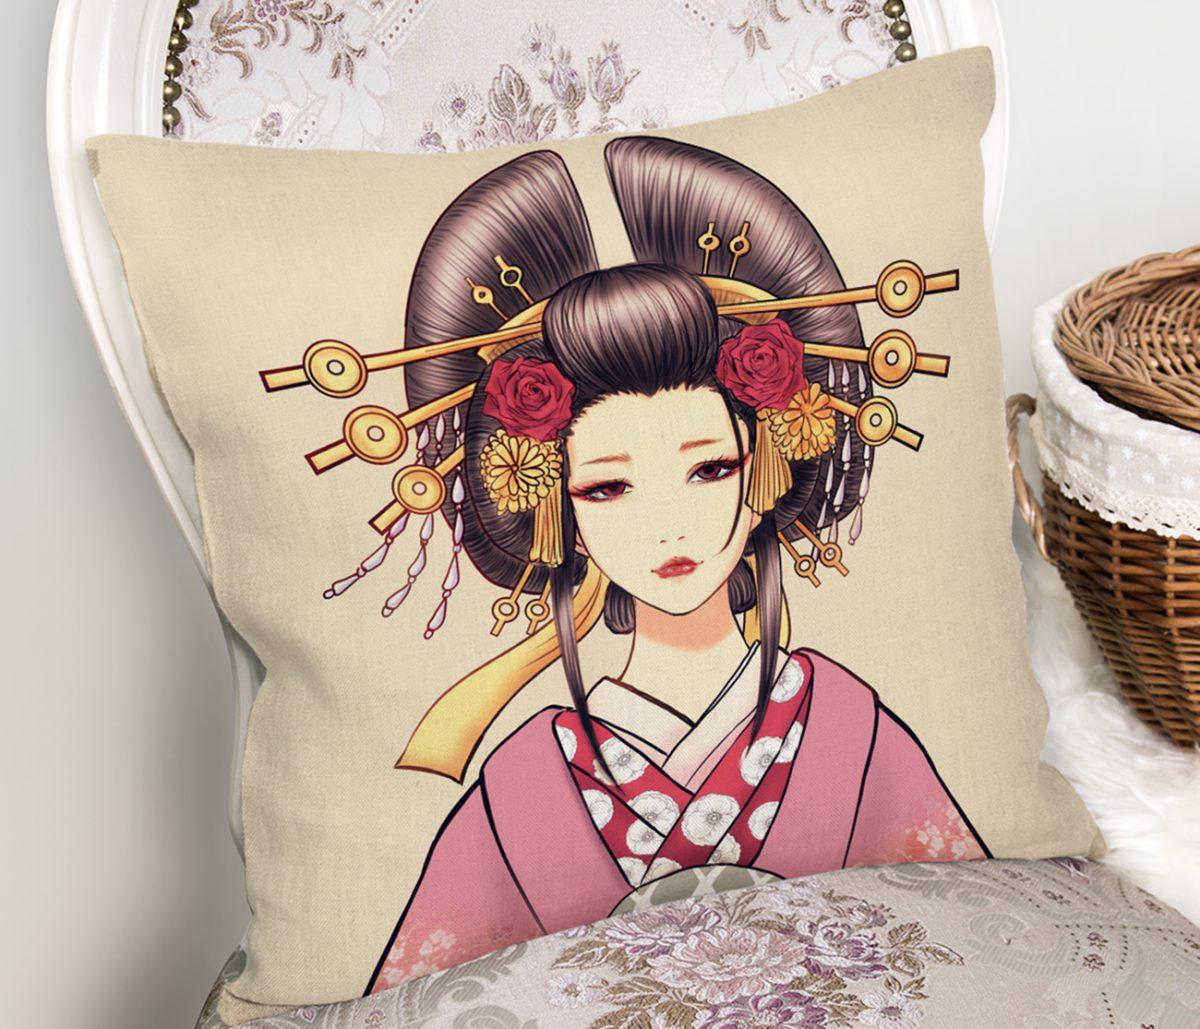 Masum Baskan Japon Kız Motifli Modern Kırlent Kılıfı Realhomes